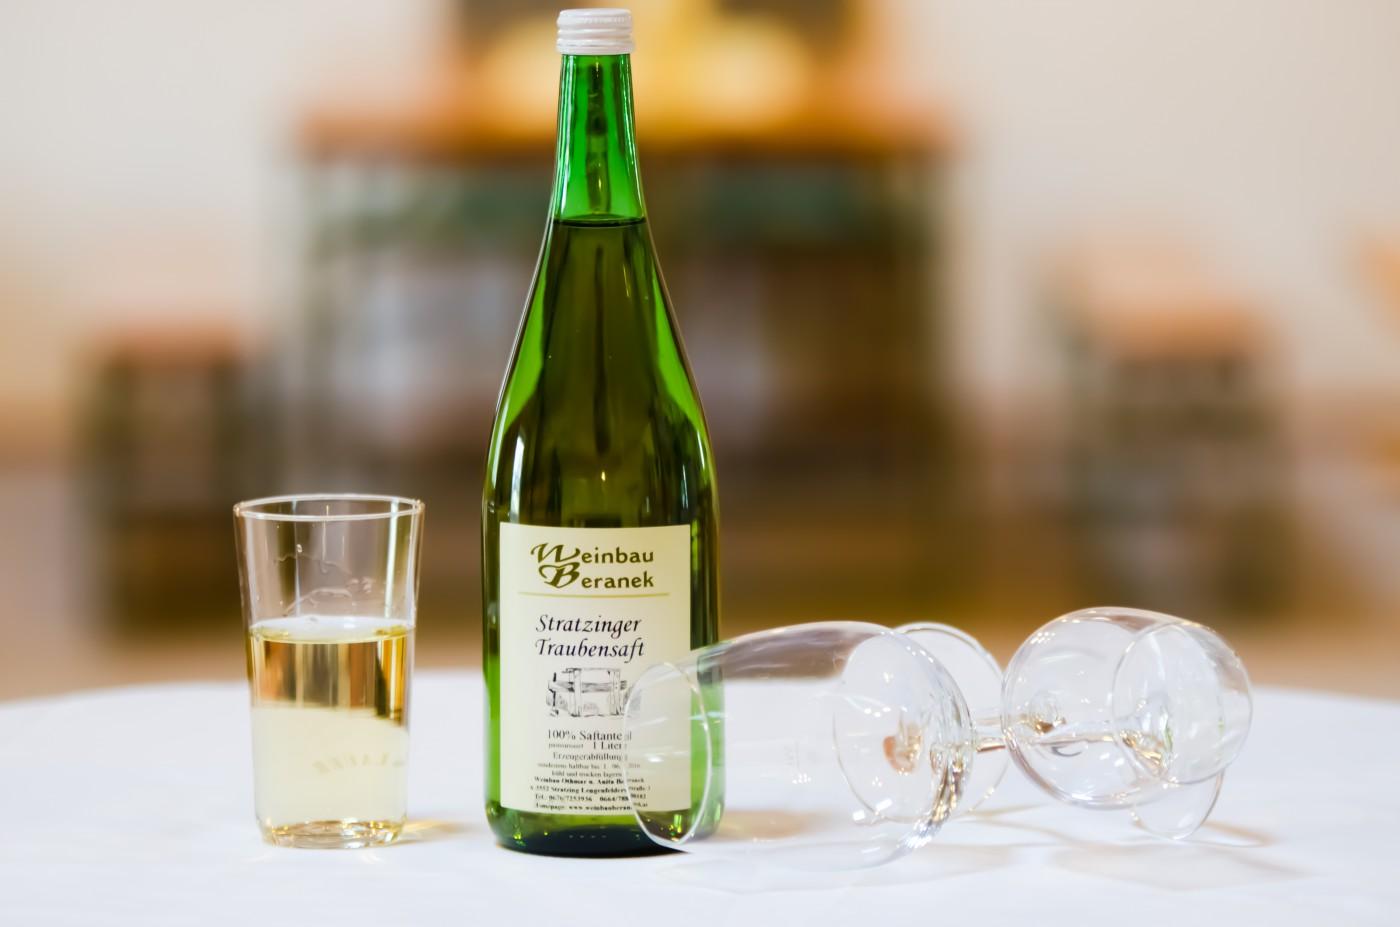 Stratzinger Traubensaft weiss - Weinbau Beranek